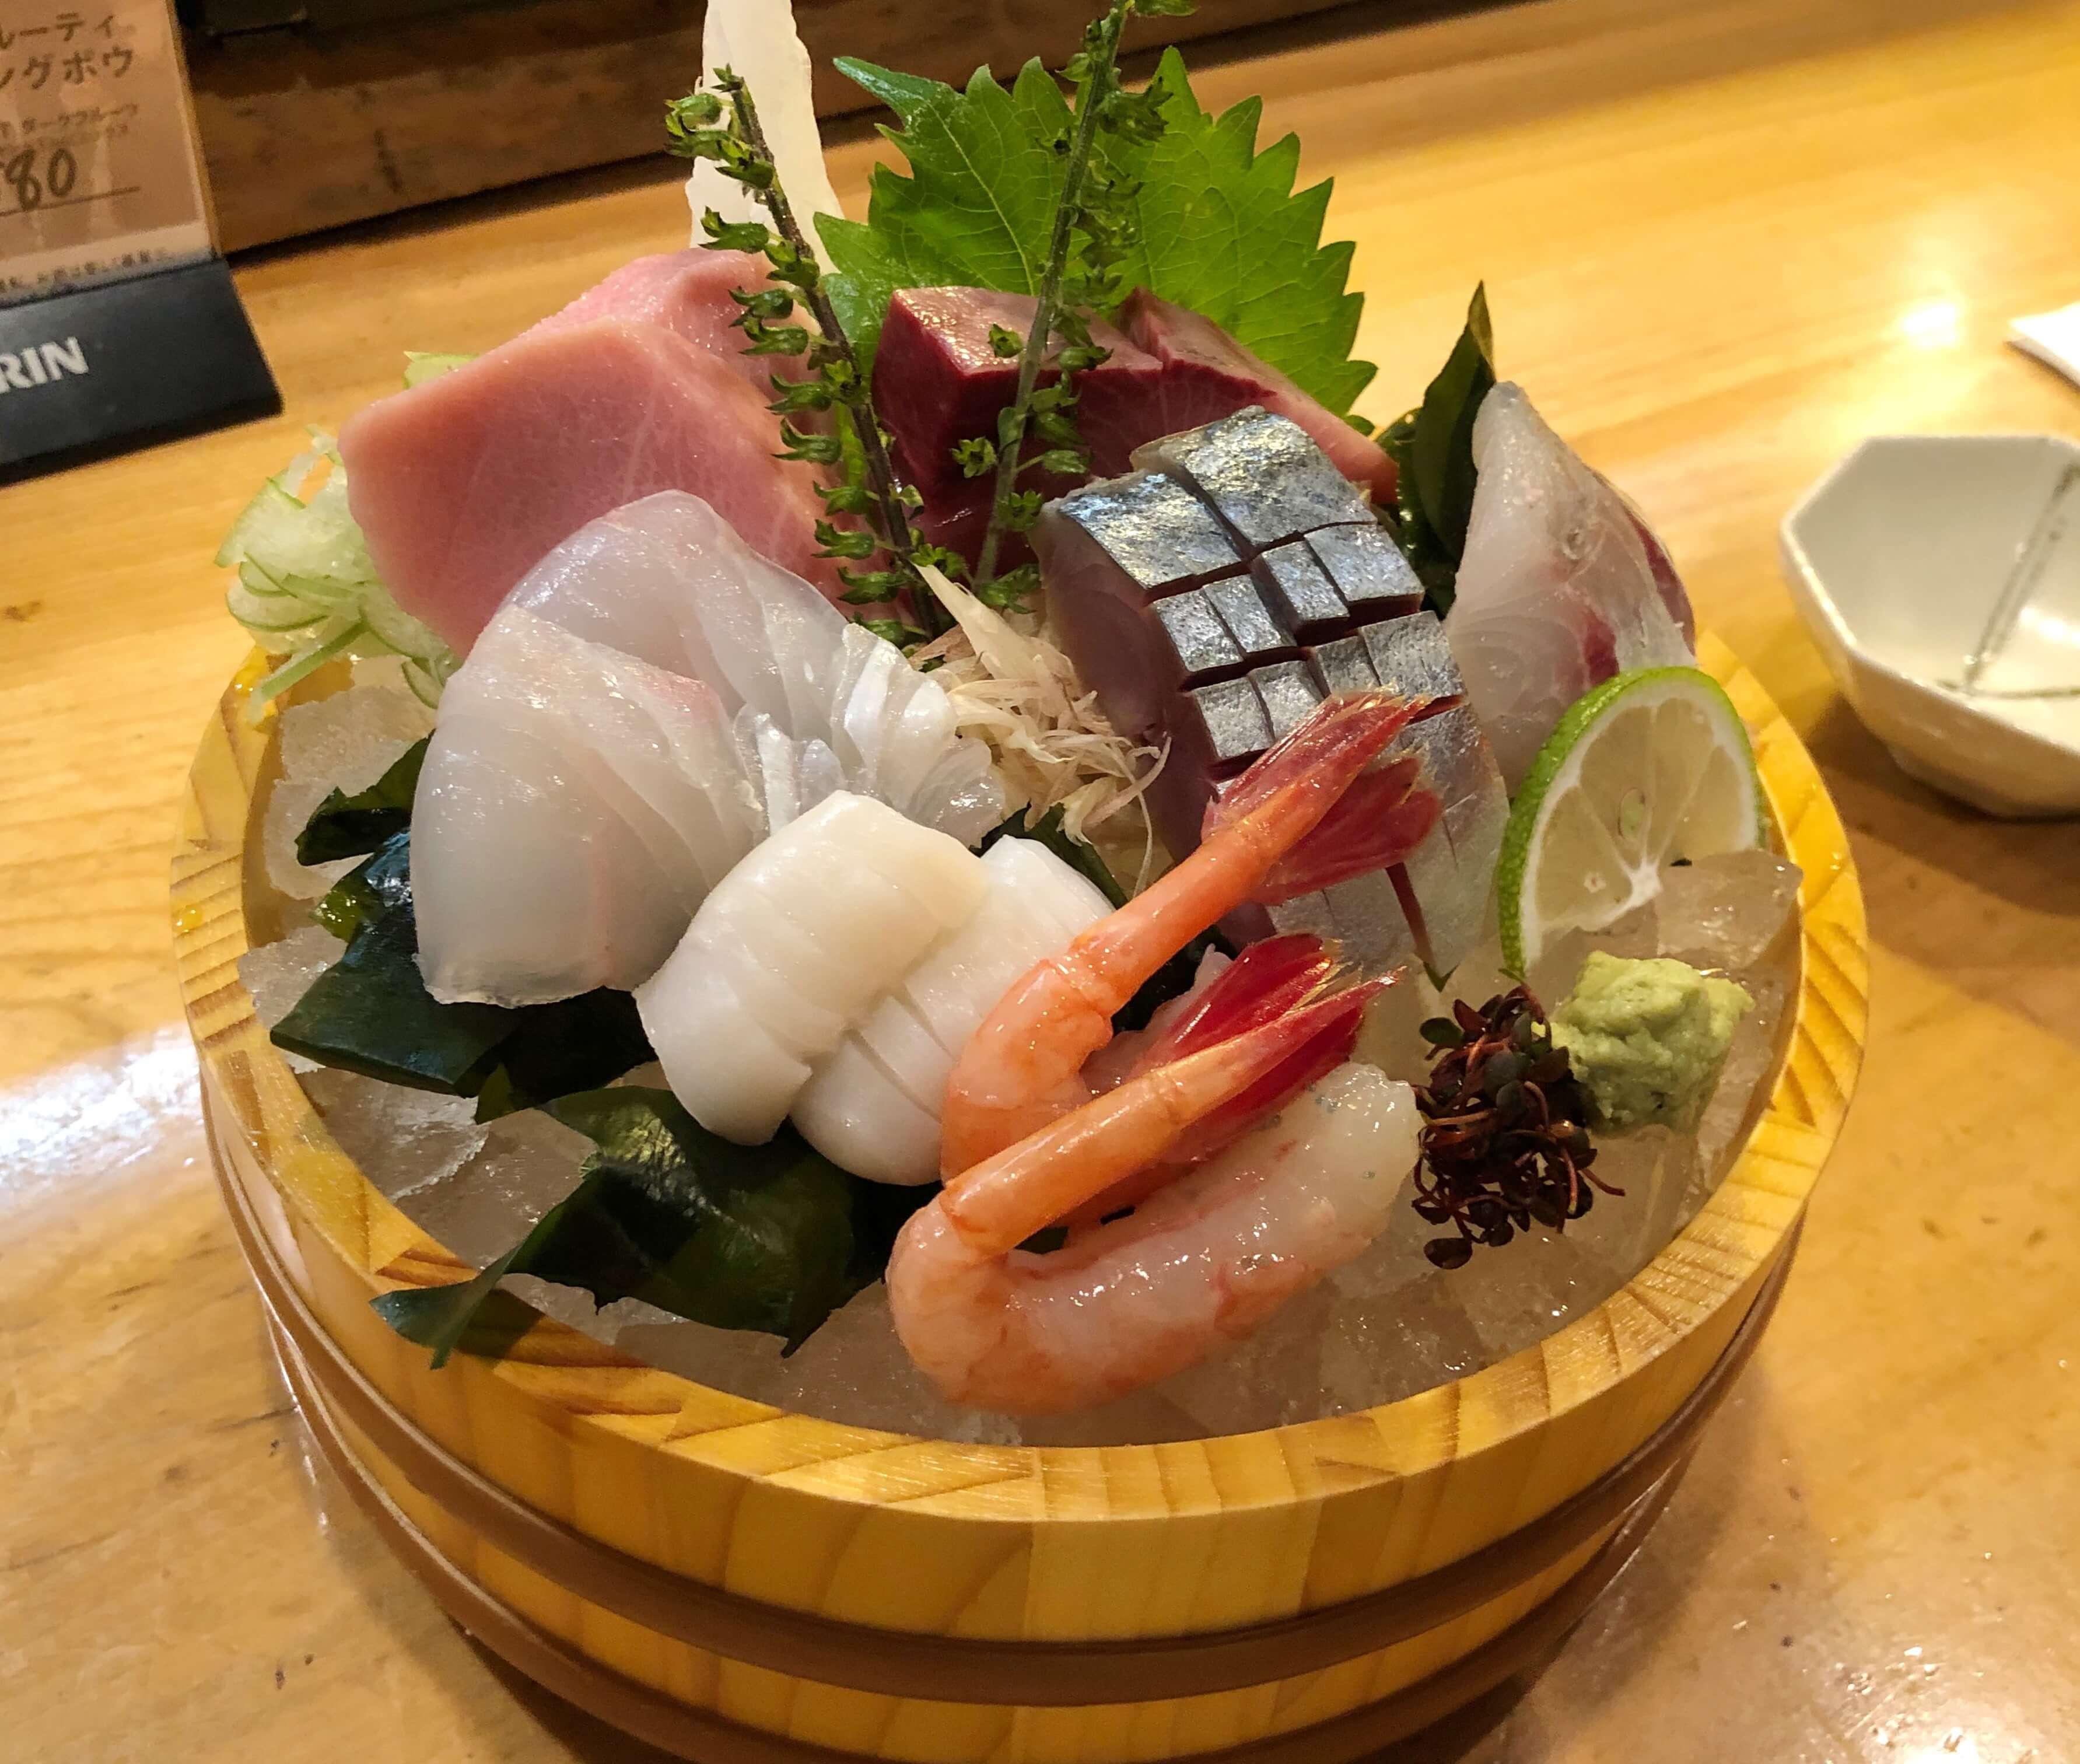 『 寿し居酒屋 だいだい 』地元民からの支持高し !! 旨い魚と旨い酒を夜遅くまで楽しめる場所